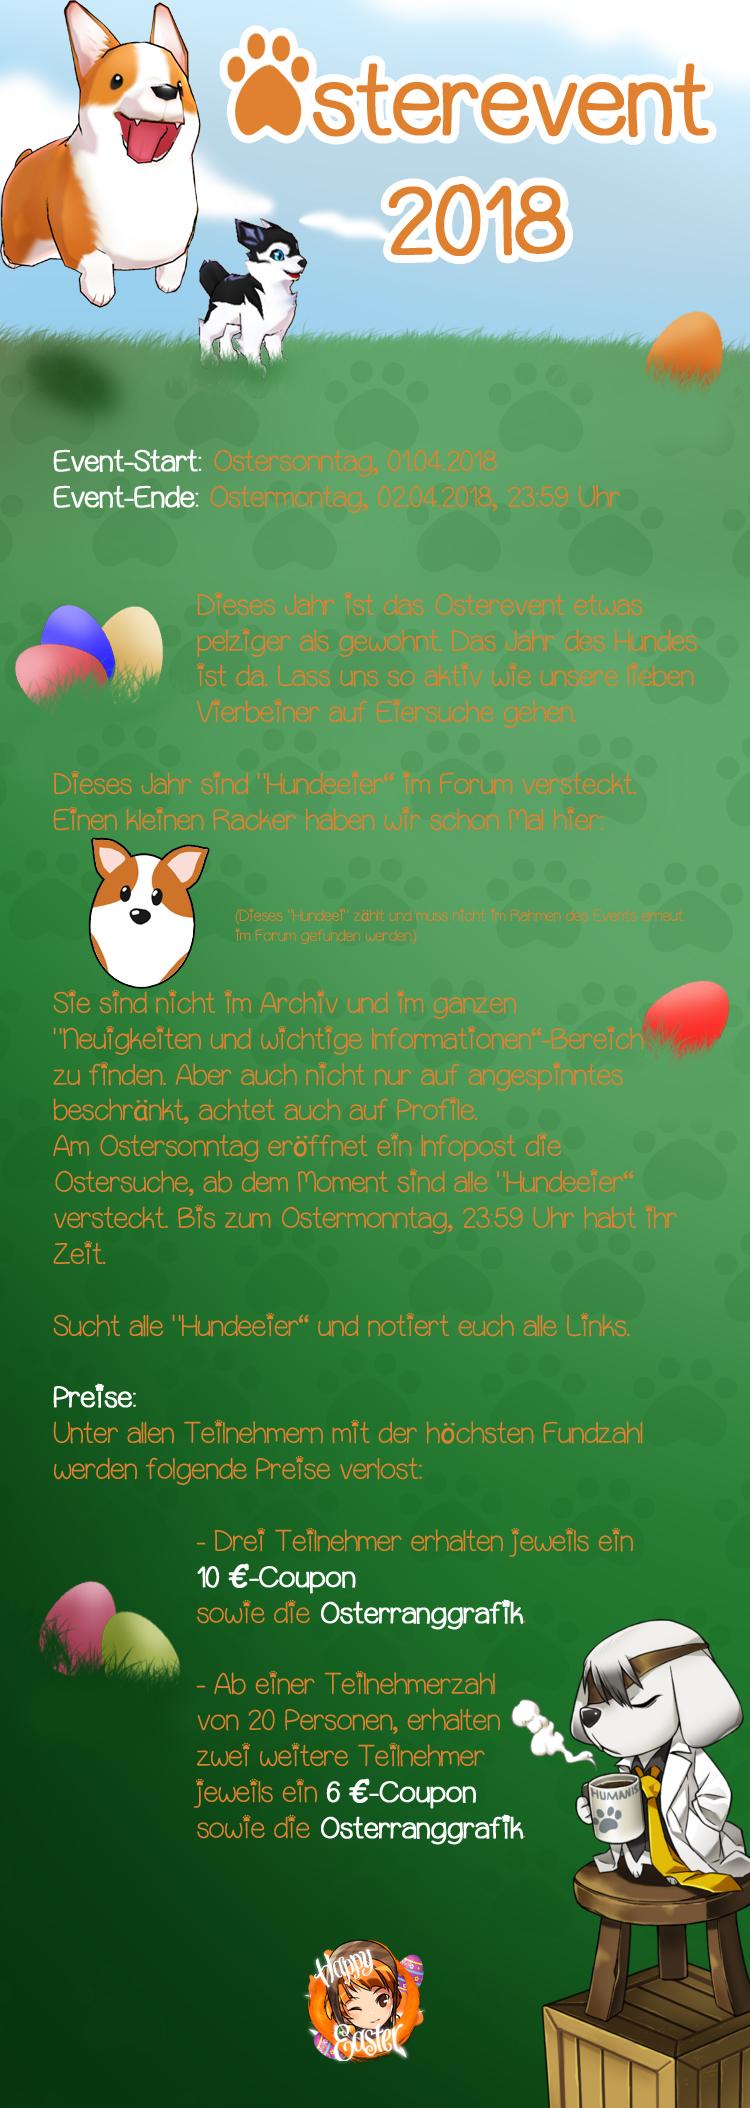 Osterevent 2018 - Wettbewerbe und Events - Elsword DE